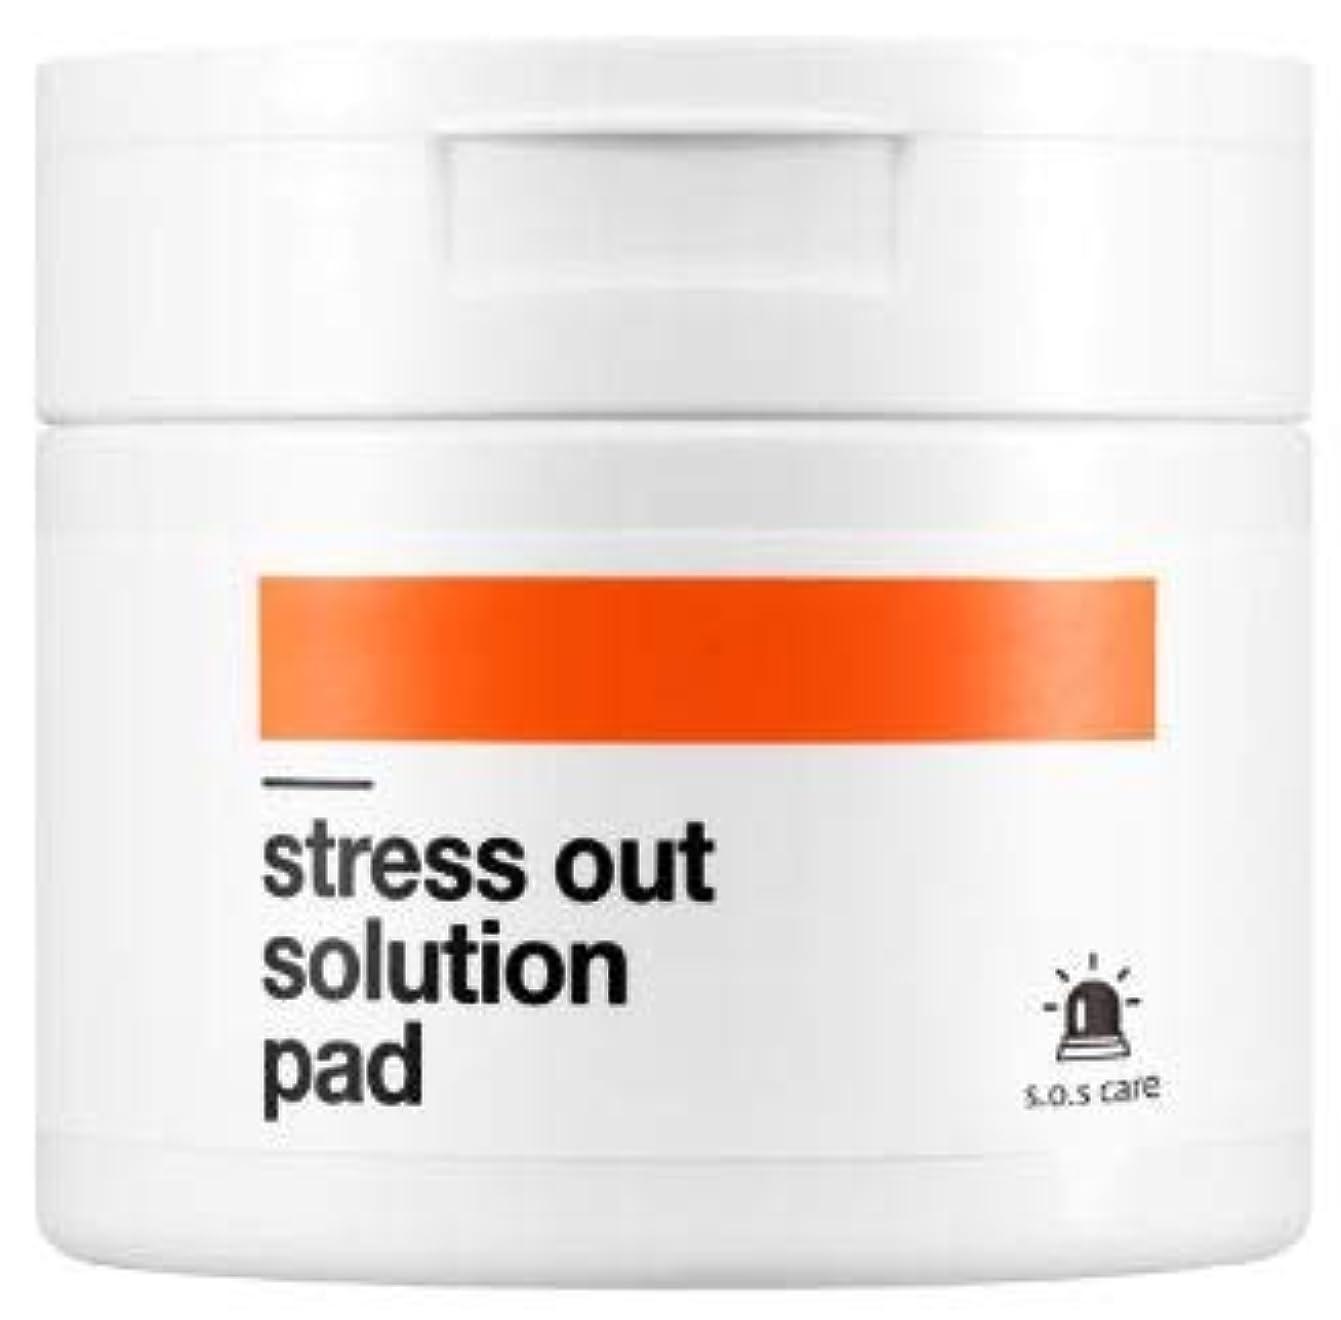 溶かす断言する必要ない[BELLAMONSTER]? Stress out solution pad #carrot / [ベラモンスター] ストレスアウト ソリューションパッド#ニンジンパッド [並行輸入品]